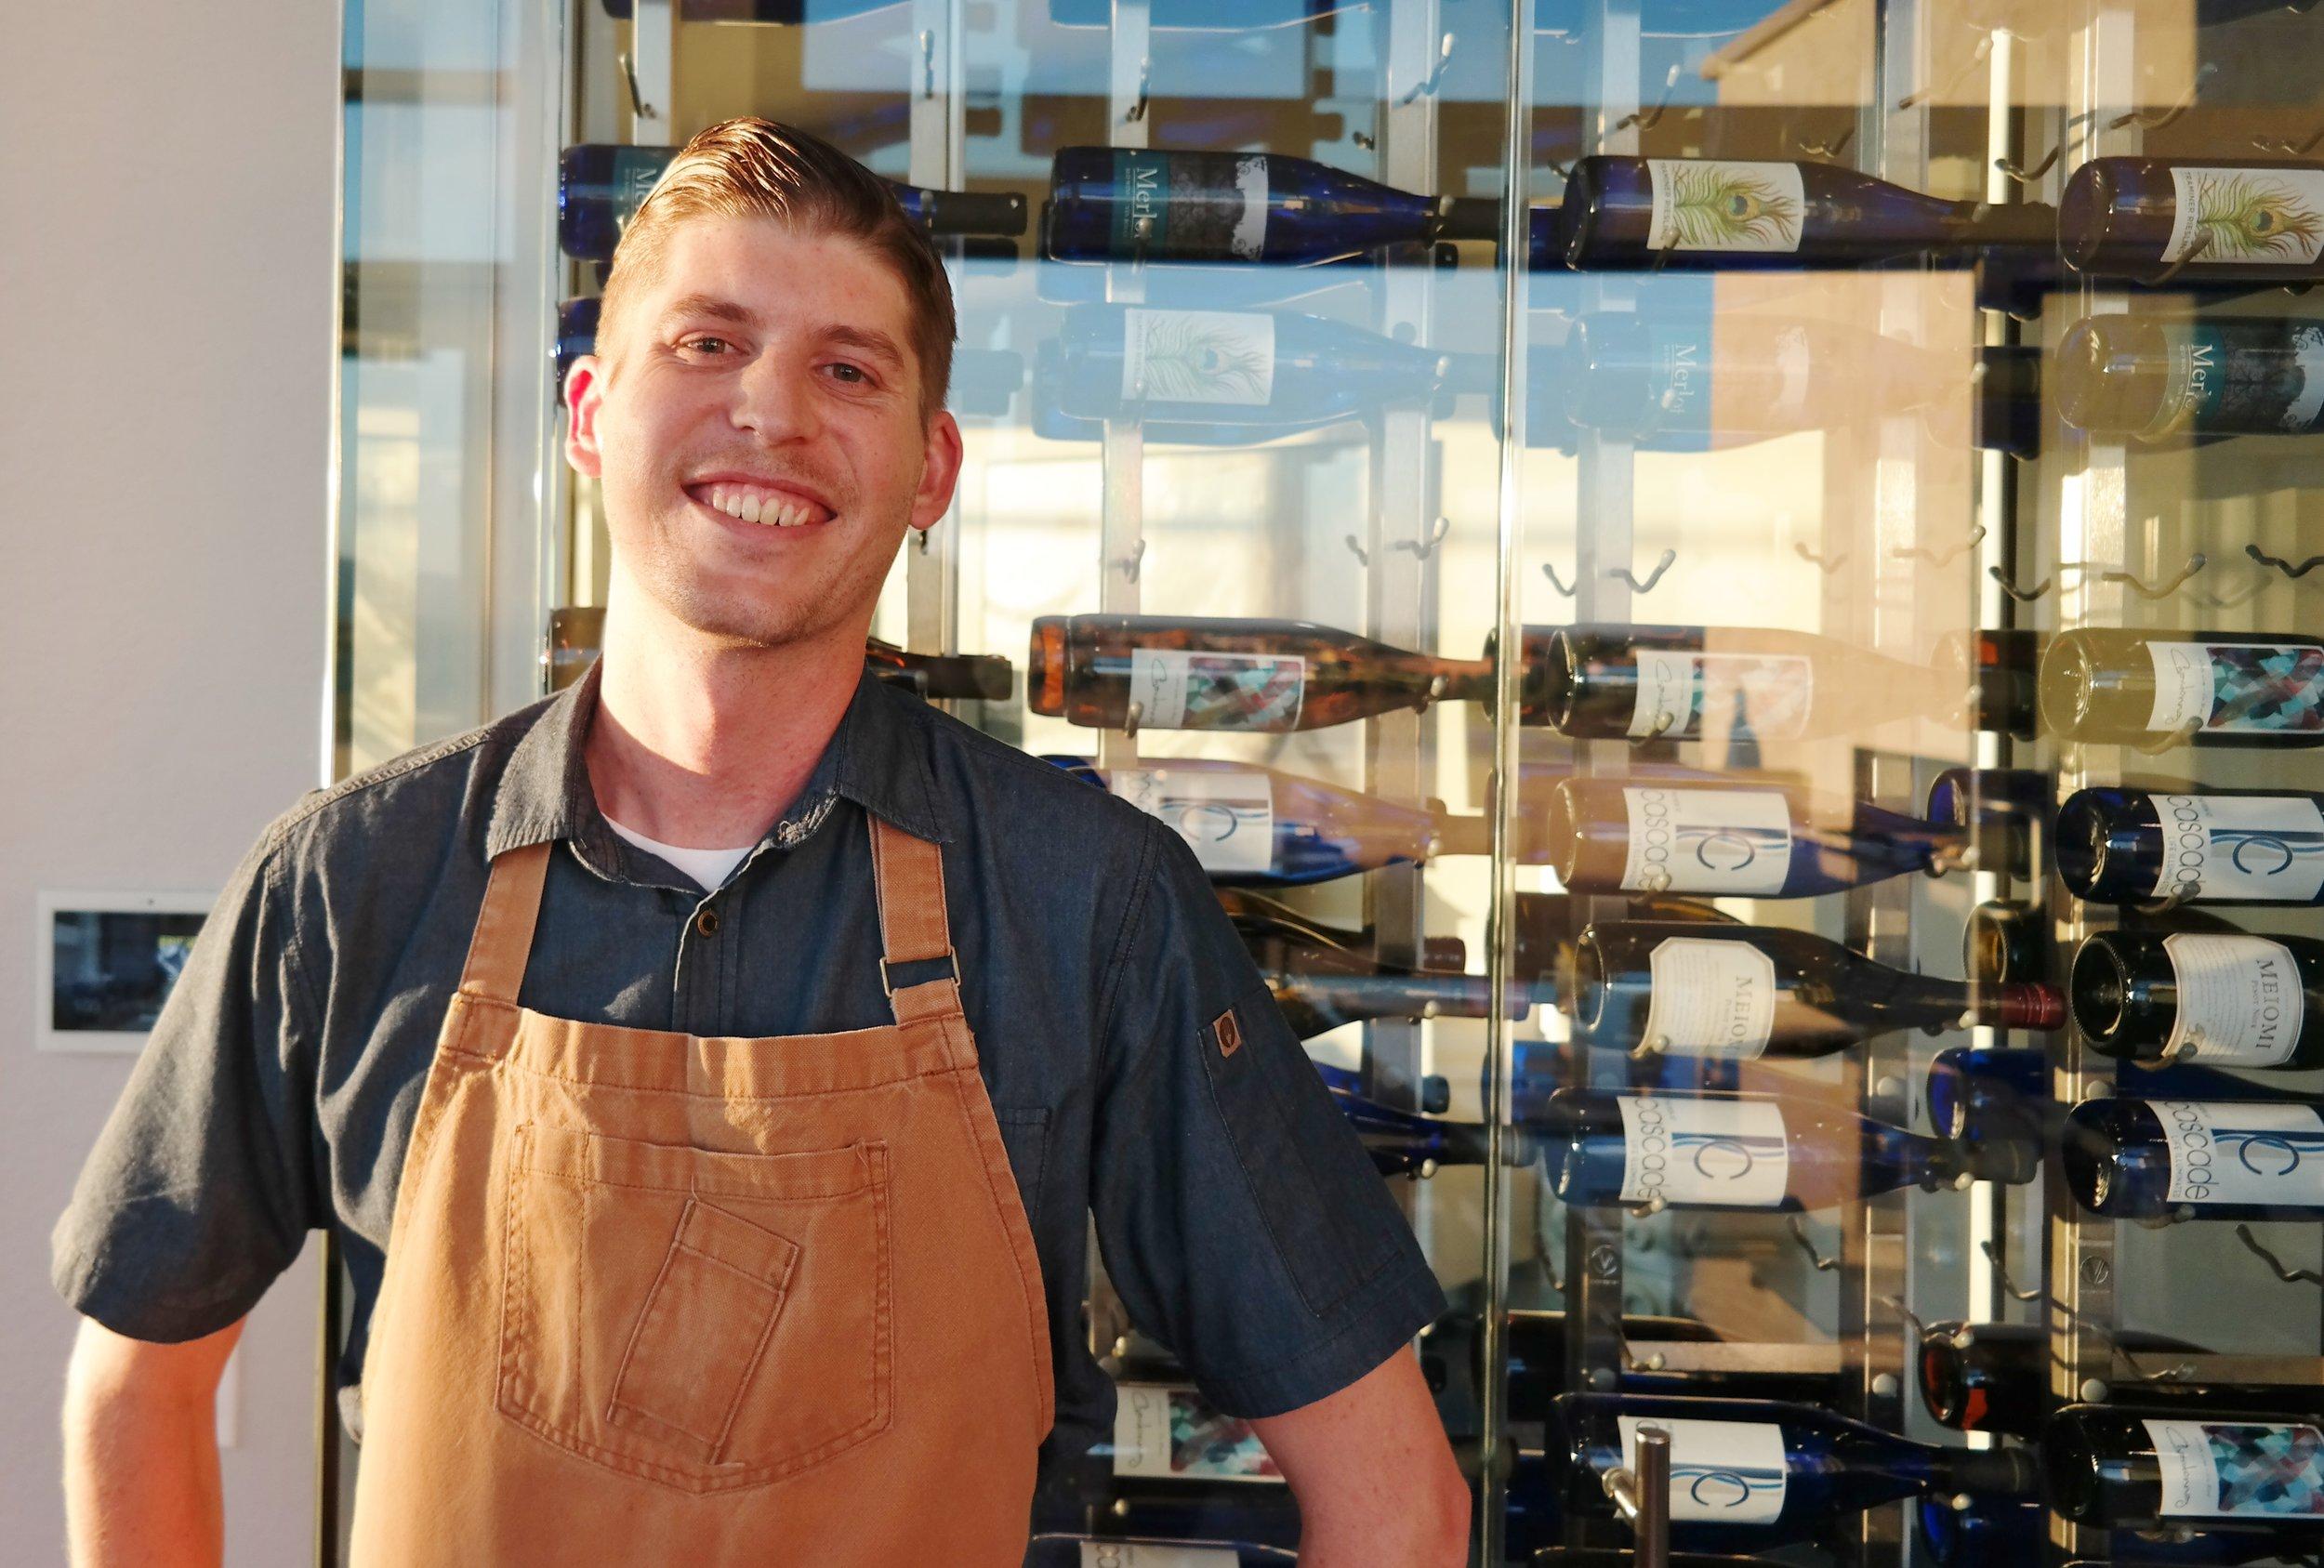 Chef Matthew Ecker